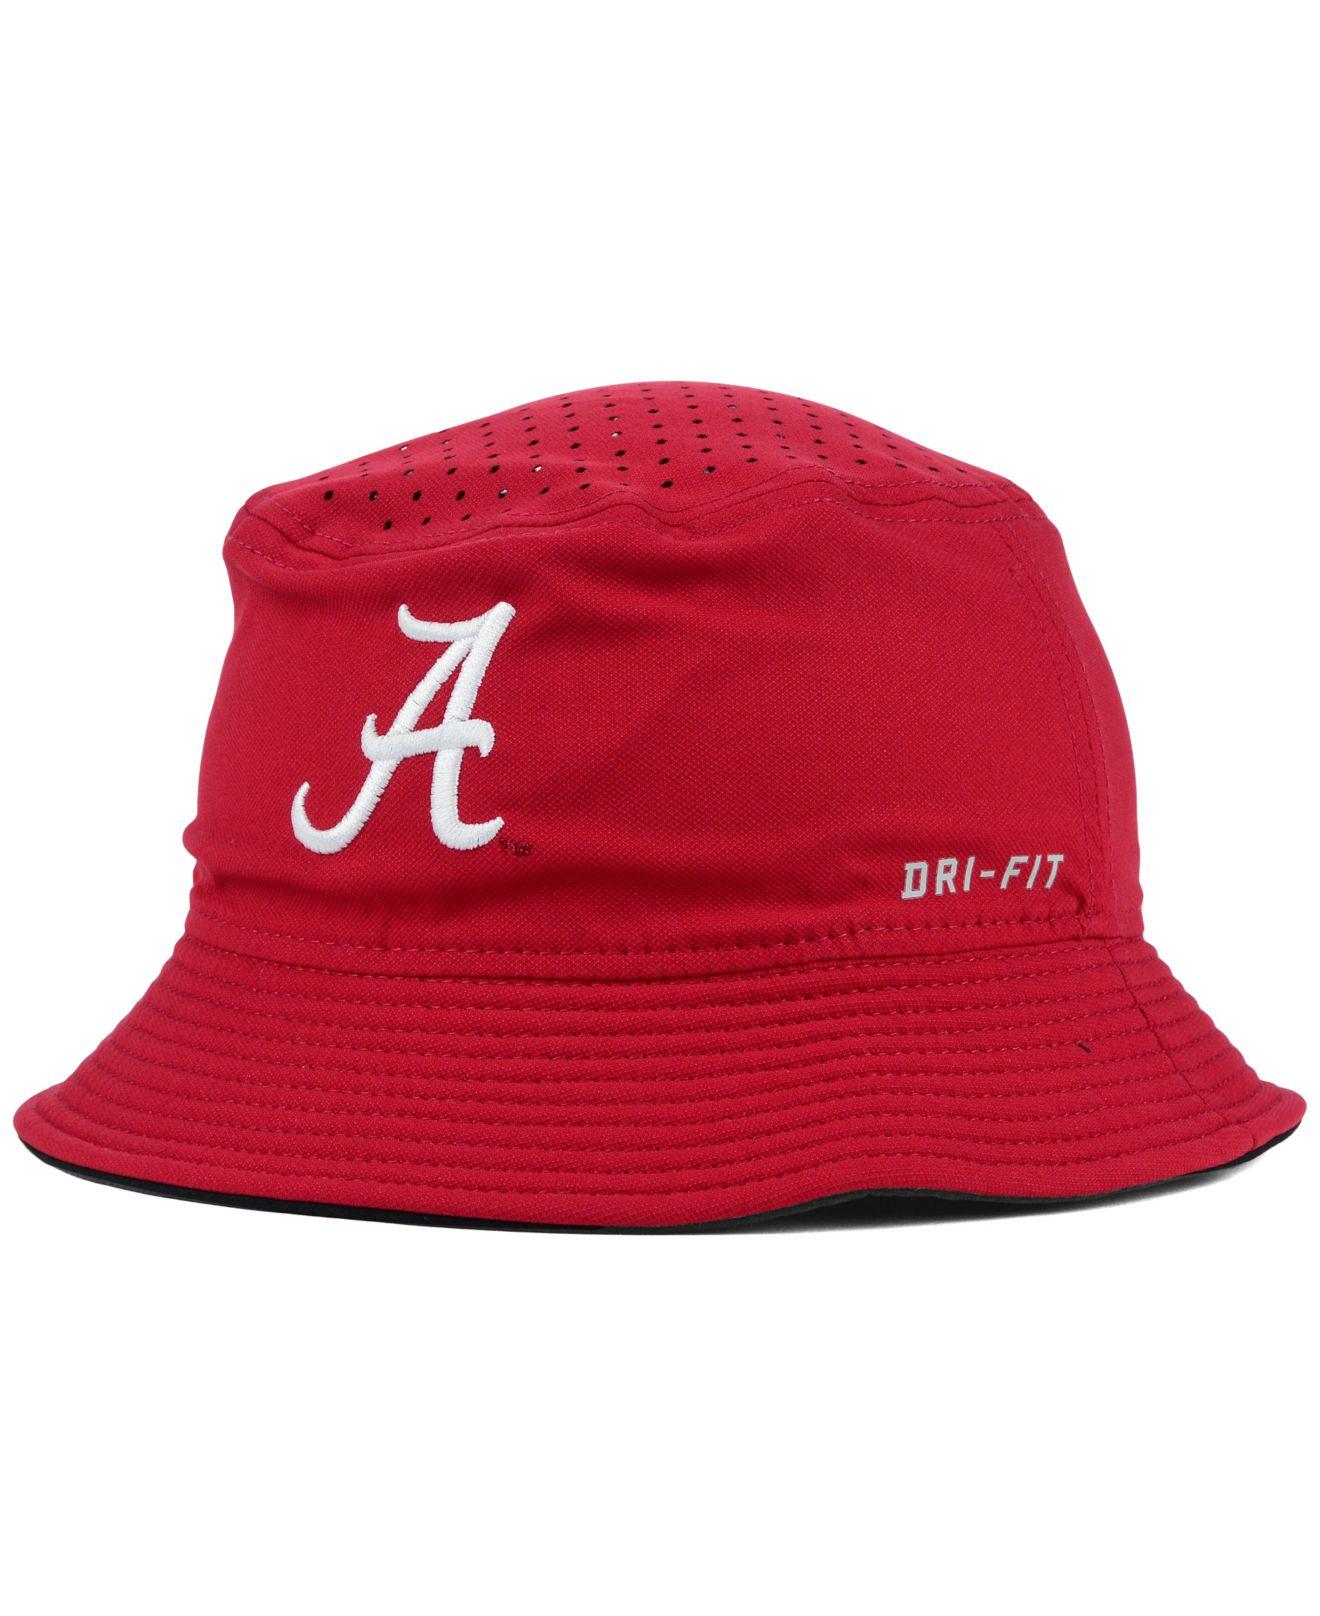 56efeccb9 store alabama crimson tide bucket hat e4689 94487